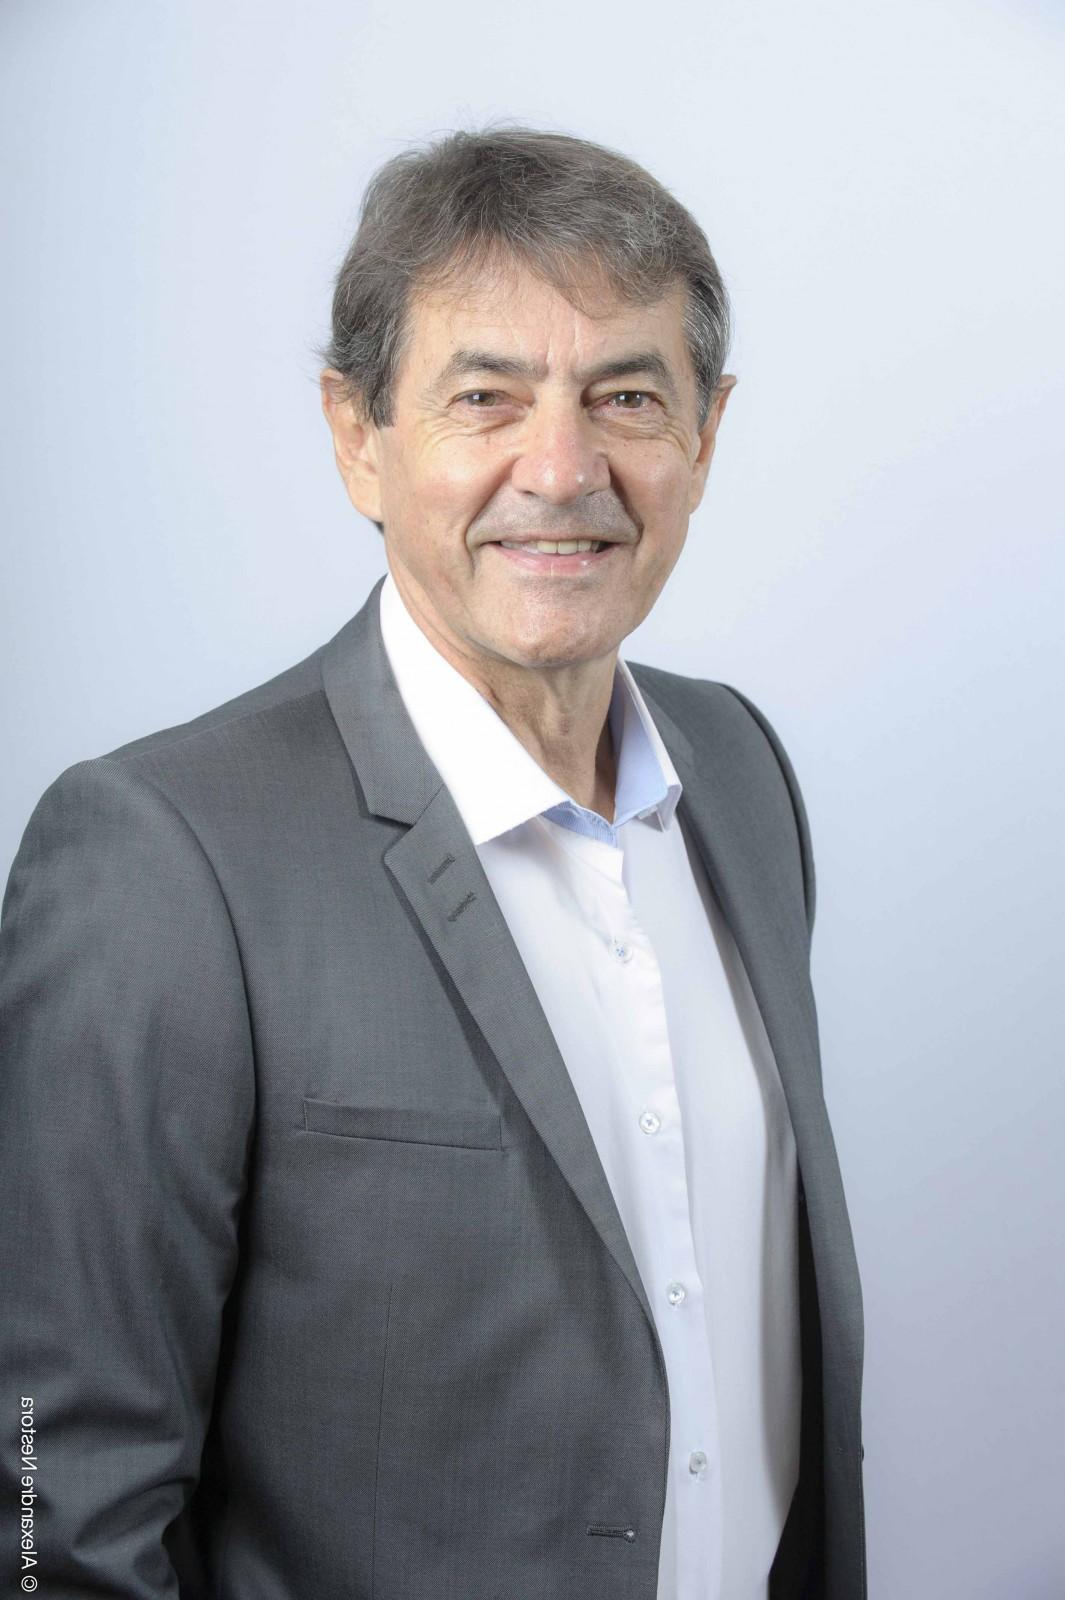 Michel_Dieleman- AFTM